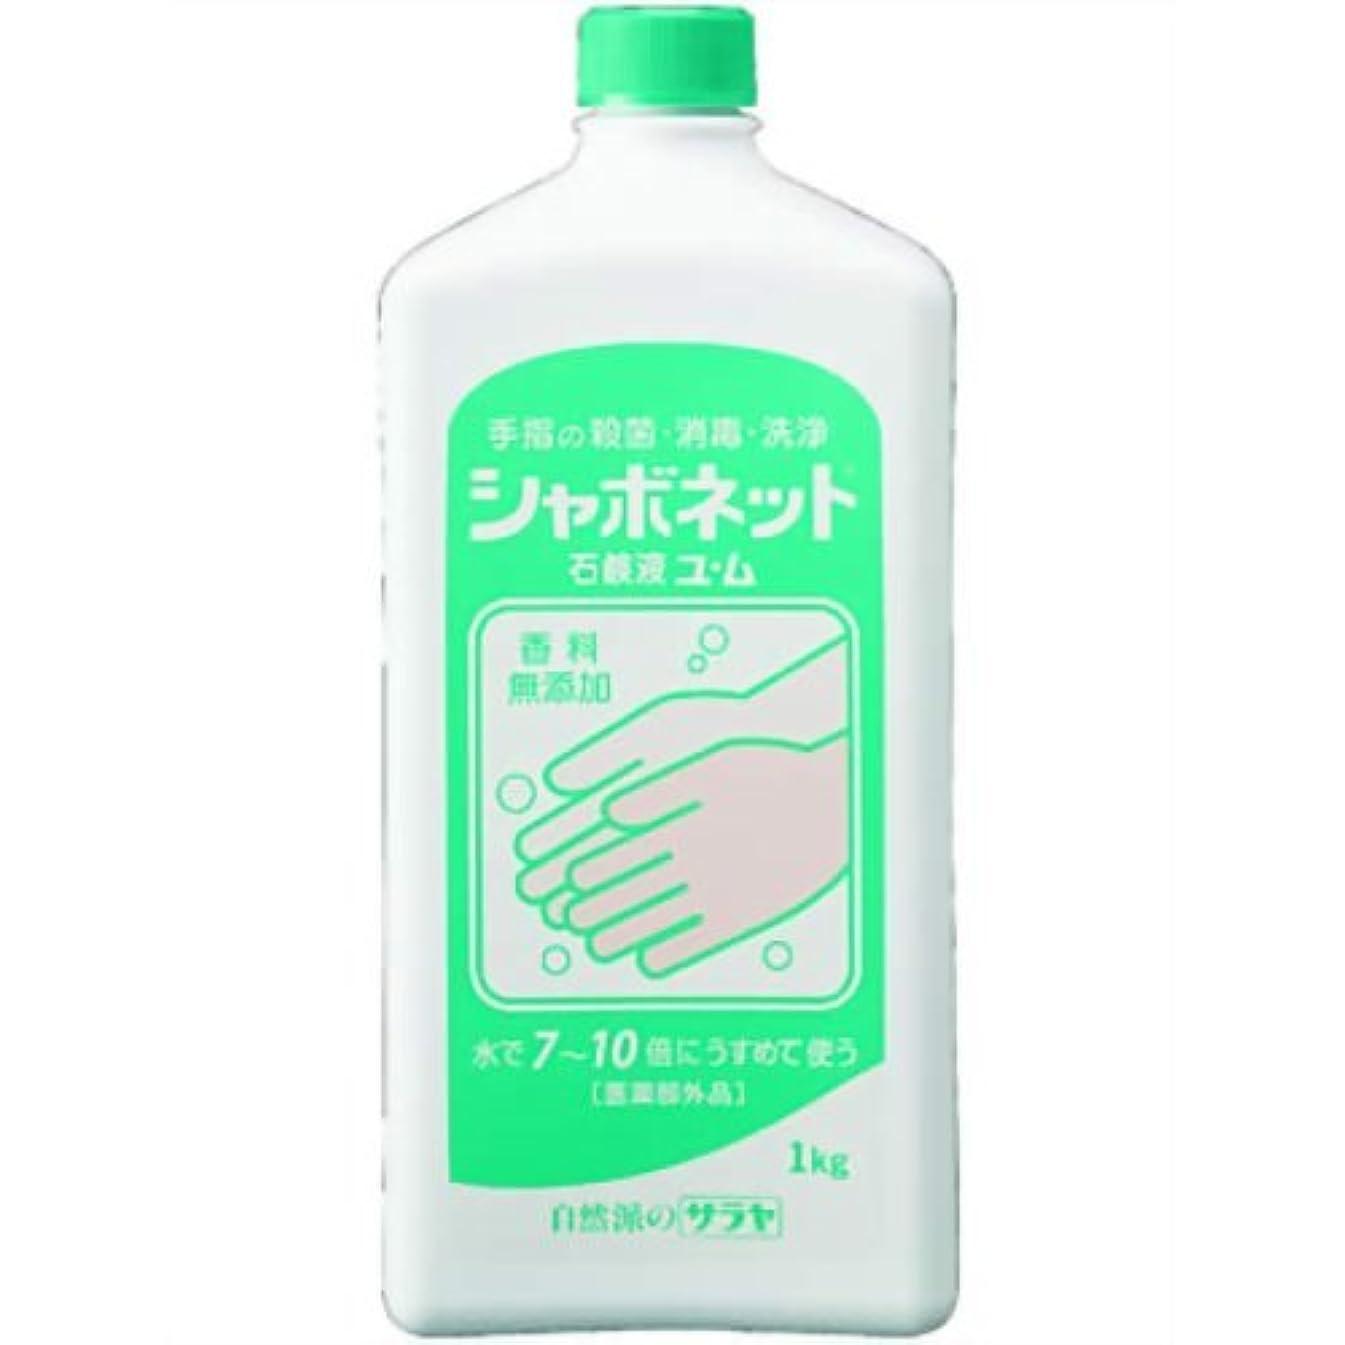 びっくりする検査官騒ぎシャボネット石鹸液ユ?ム 1kg